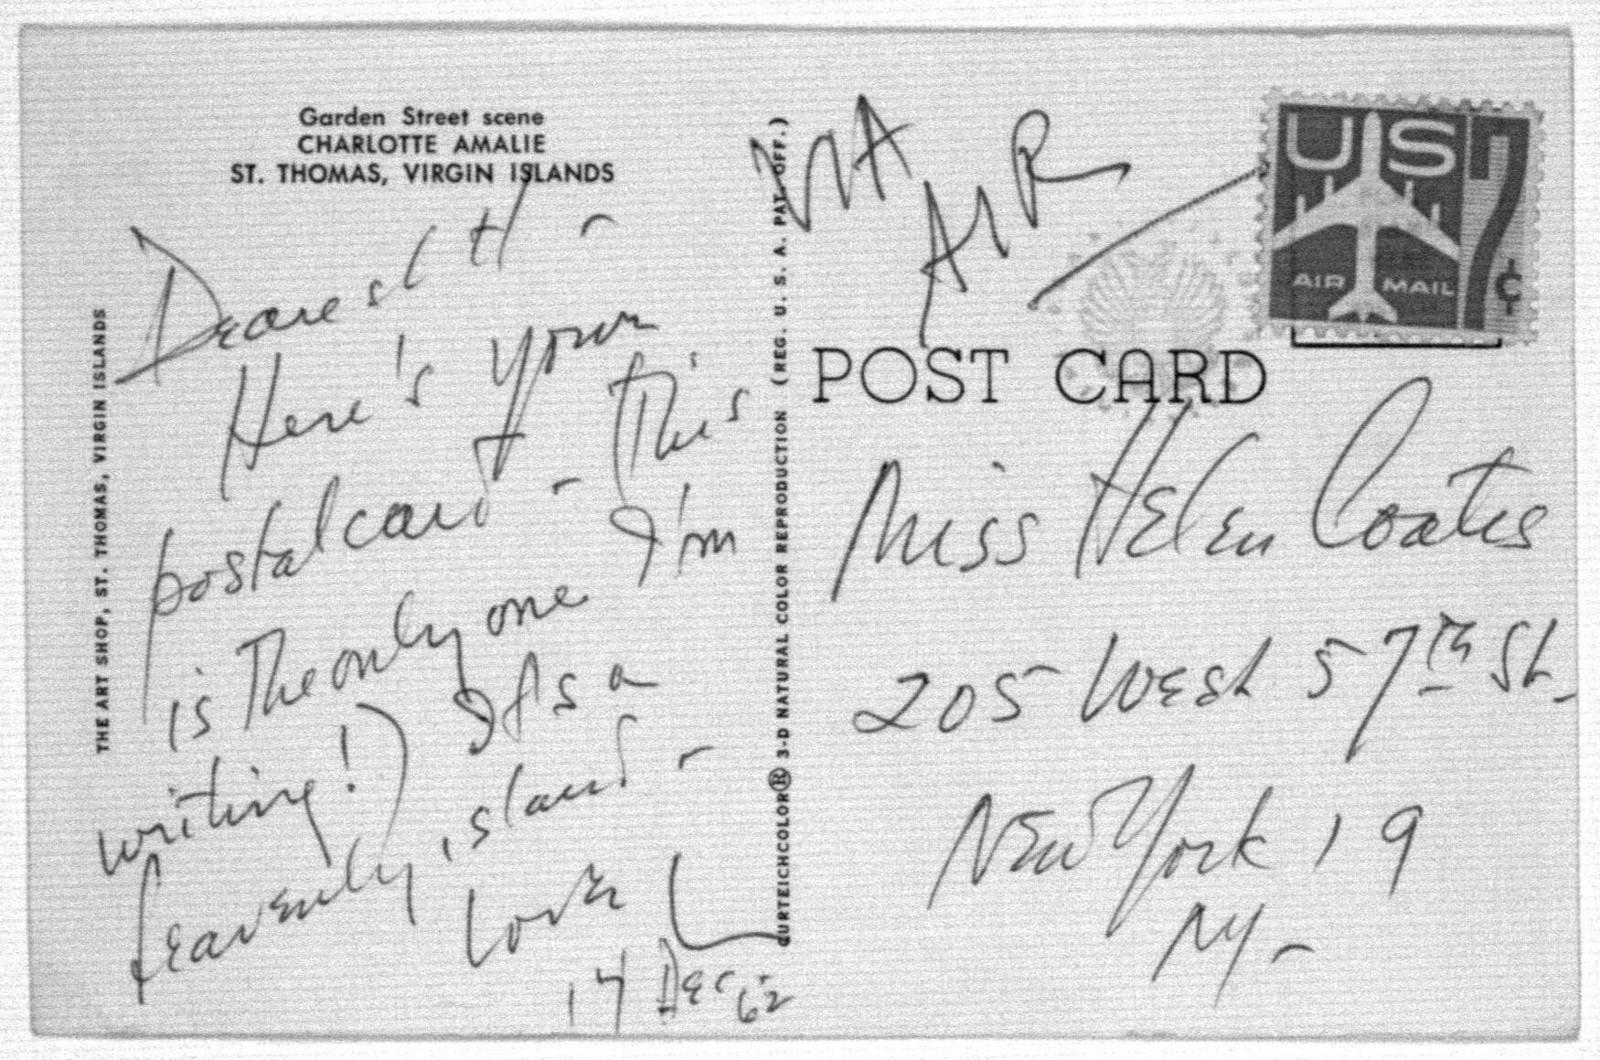 Letter from Leonard Bernstein to Helen Coates, December 14, 1962